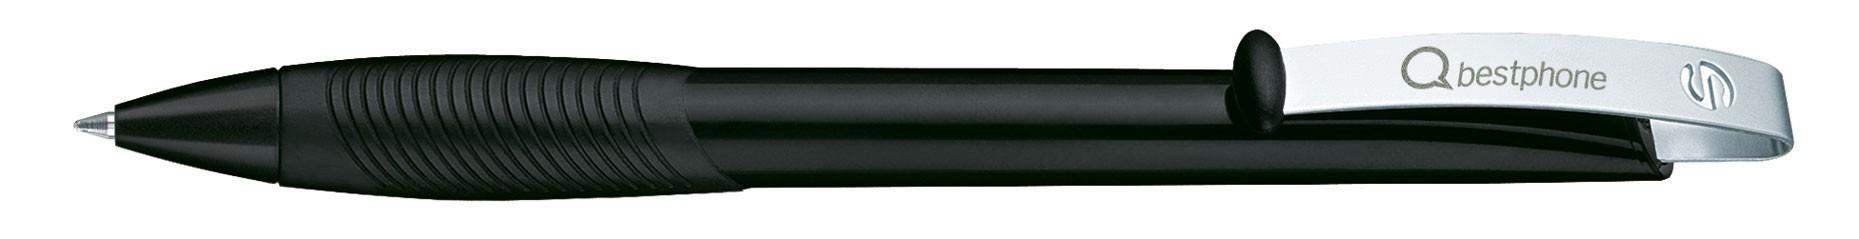 Stylo publicitaire écologique Matrix polished - stylo personnalisable